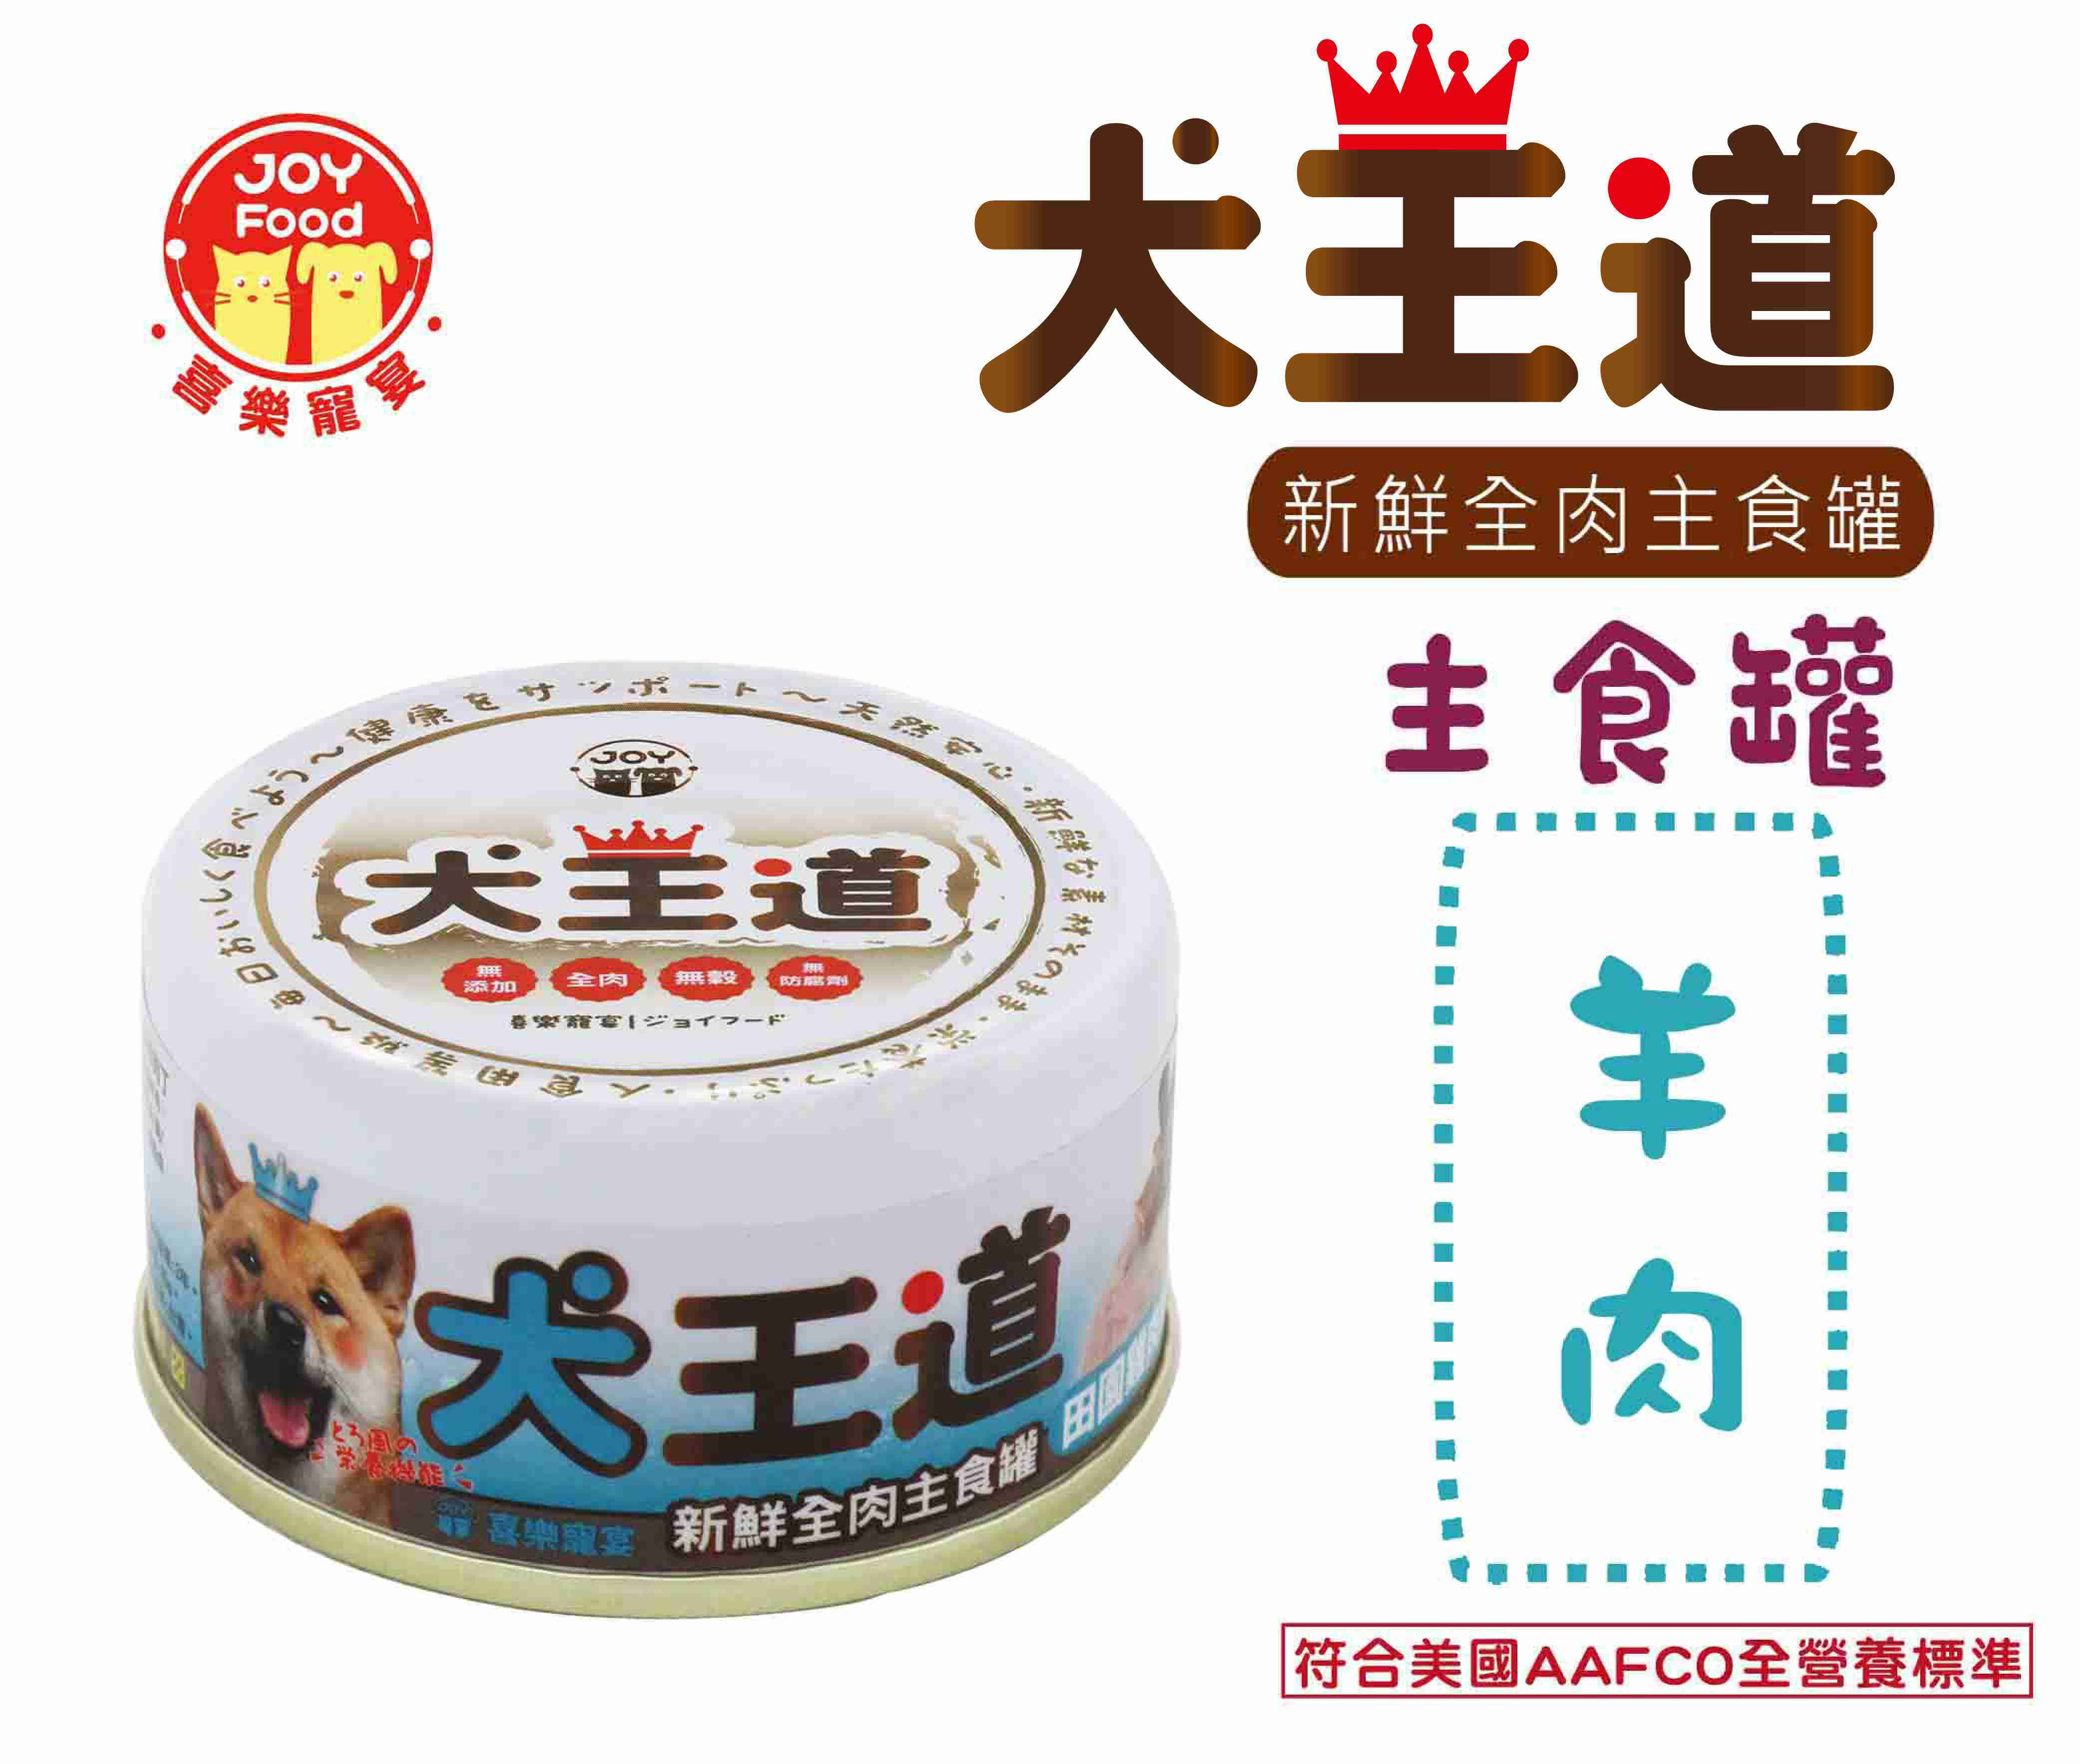 喜樂寵宴-犬王道之新鮮全肉主食罐-田園雞肉絲+羊肉丁(24罐/盒)